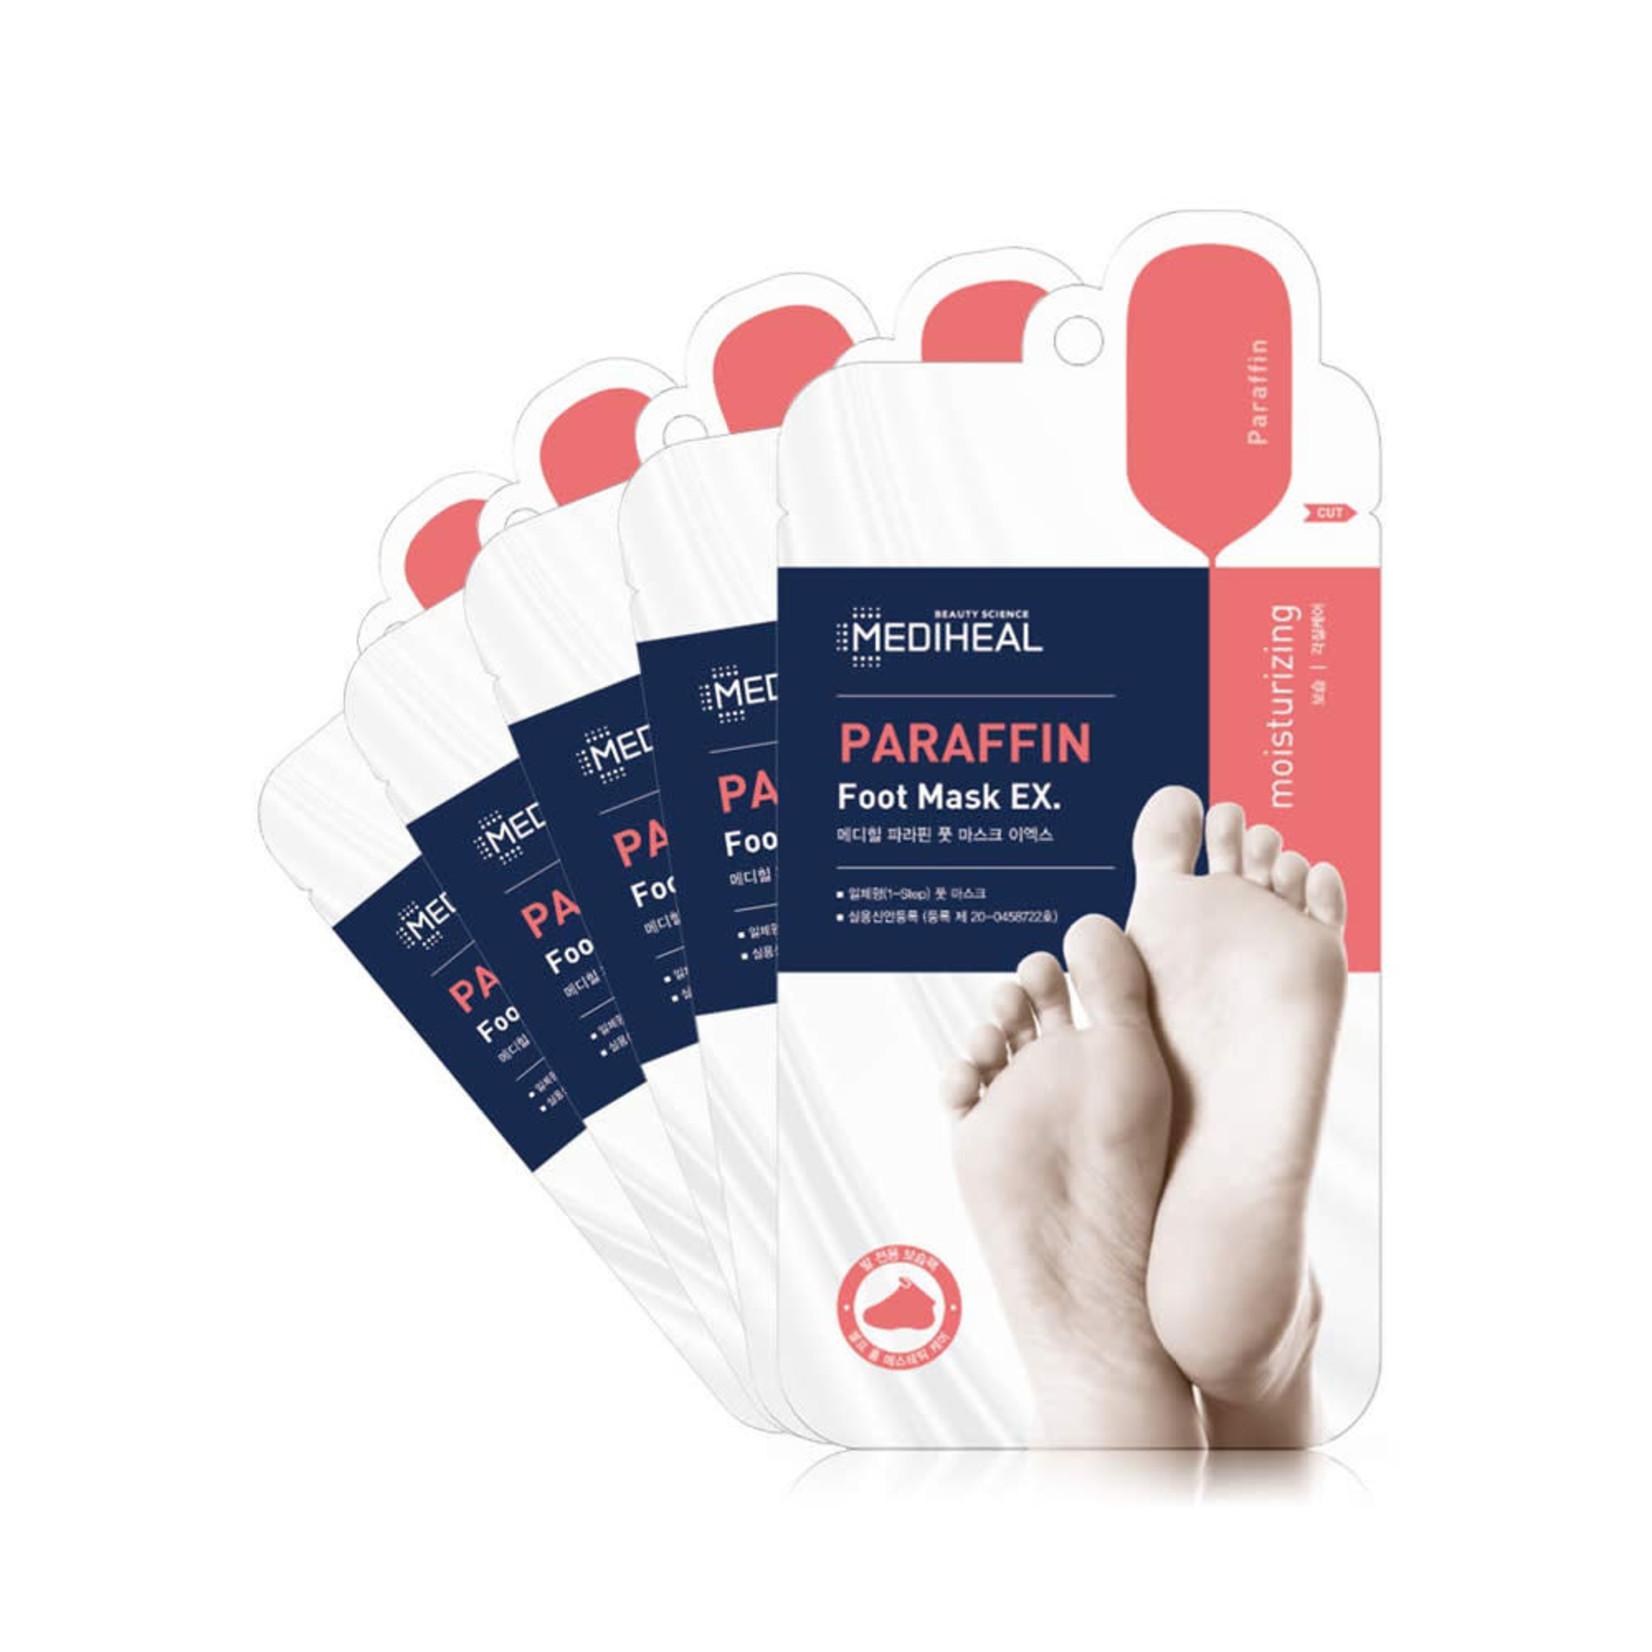 Mediheal Mediheal Paraffin Foot Mask